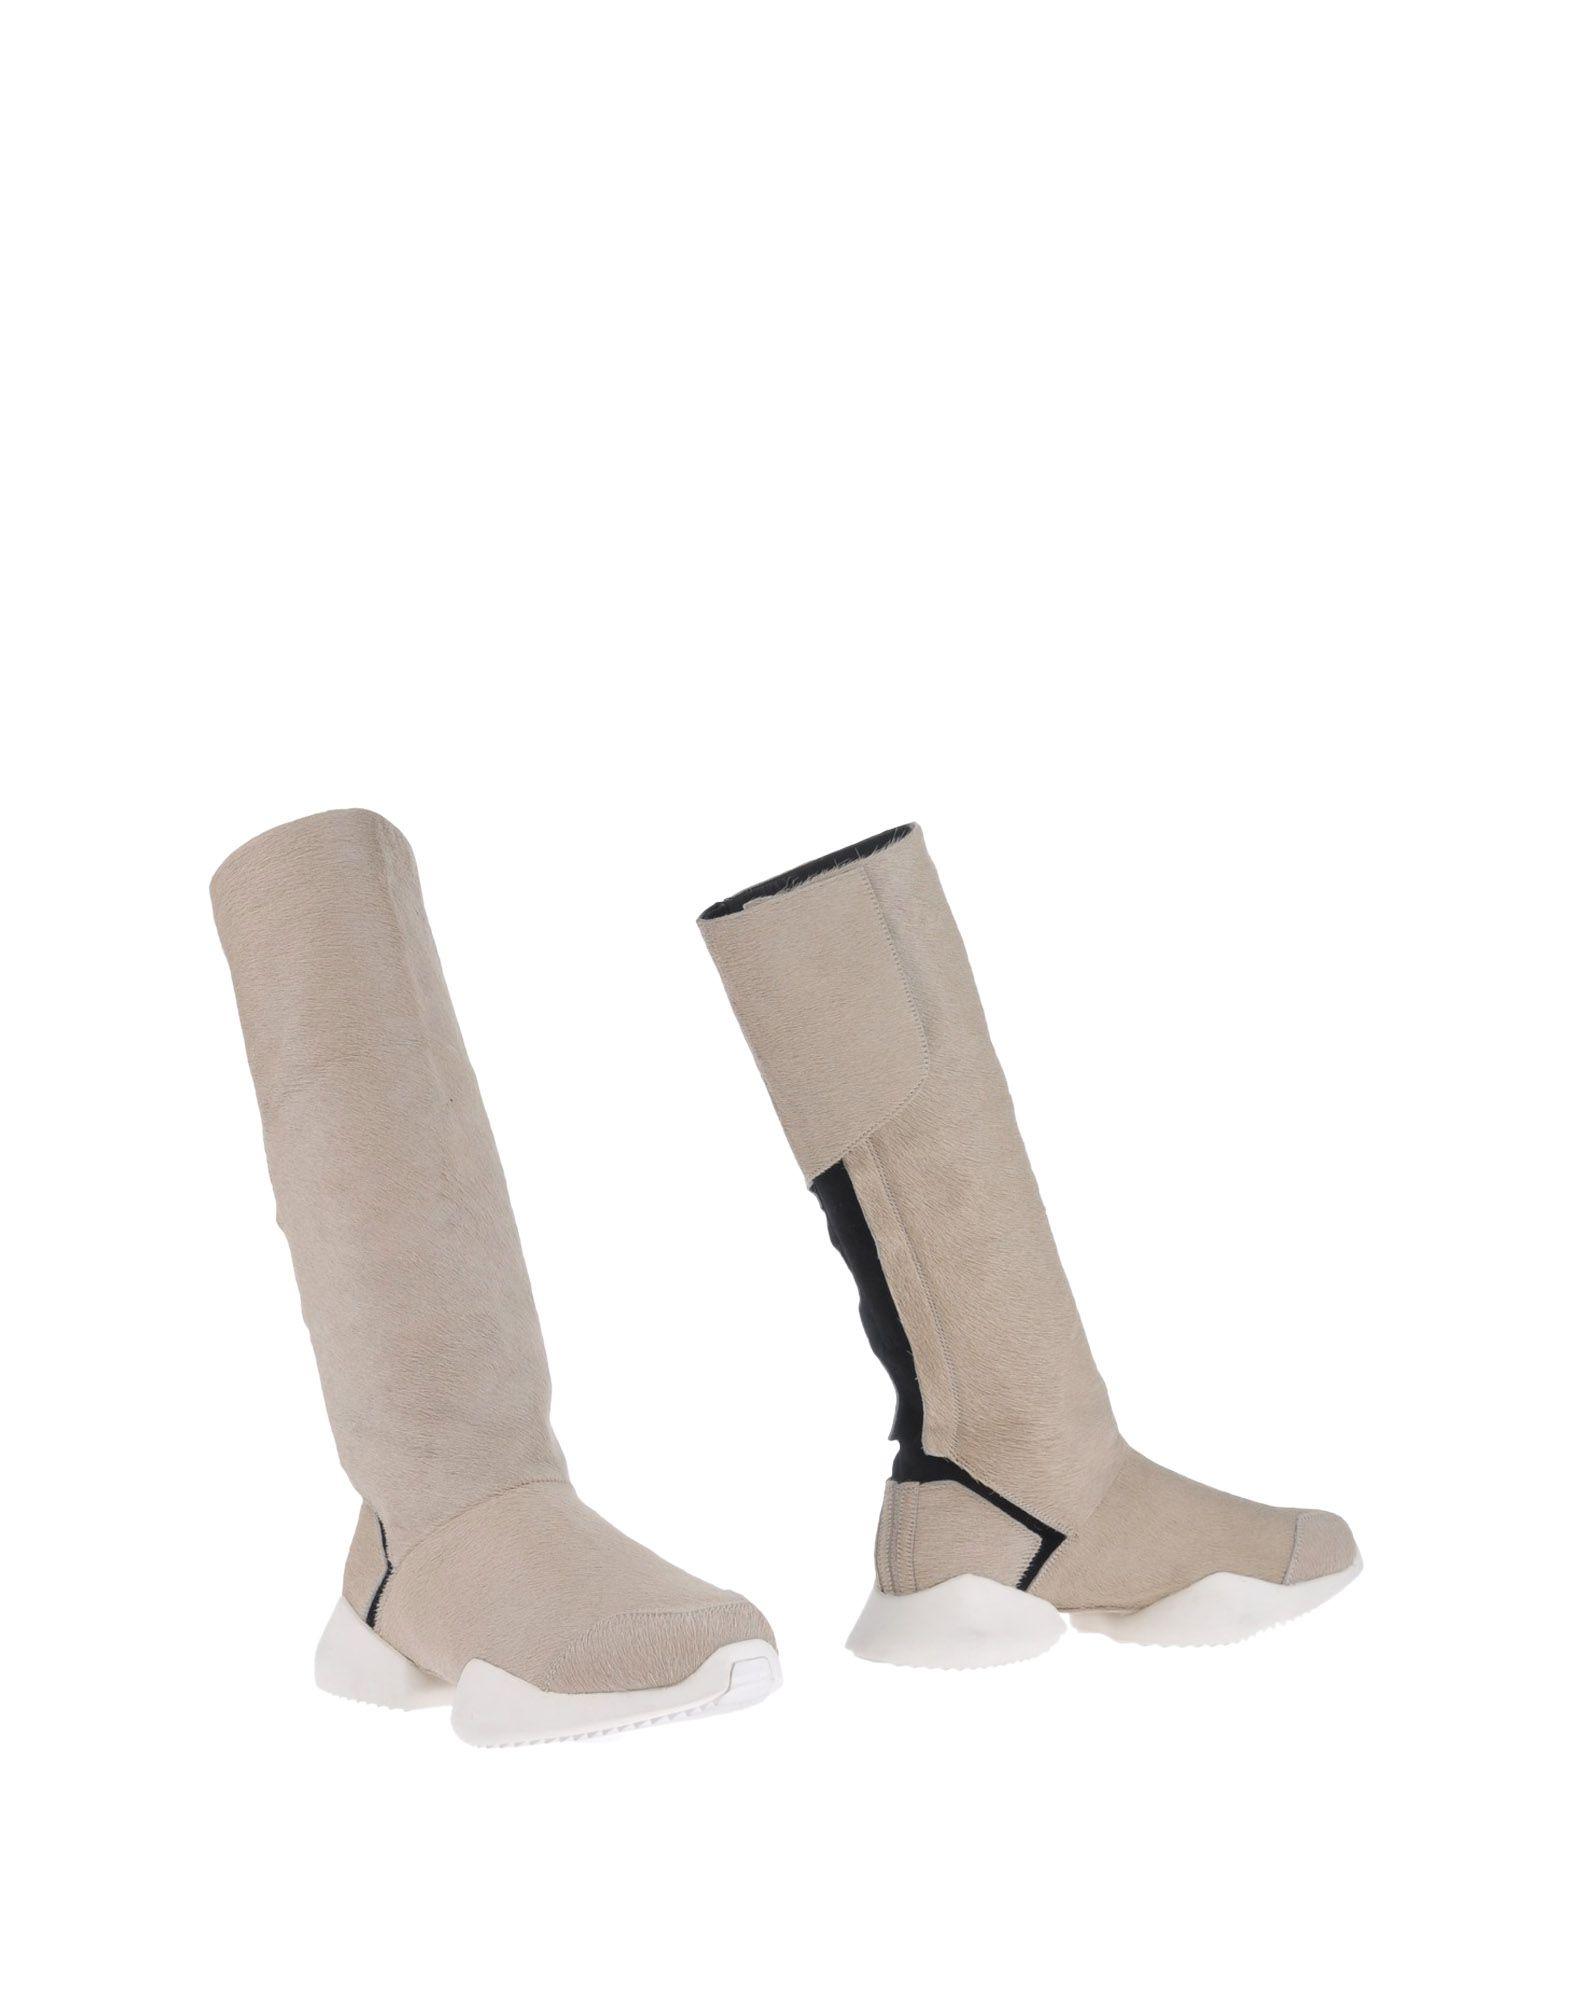 Rick Owens Gute X Adidas Stiefelette Herren  11085154CJ Gute Owens Qualität beliebte Schuhe 6356f6